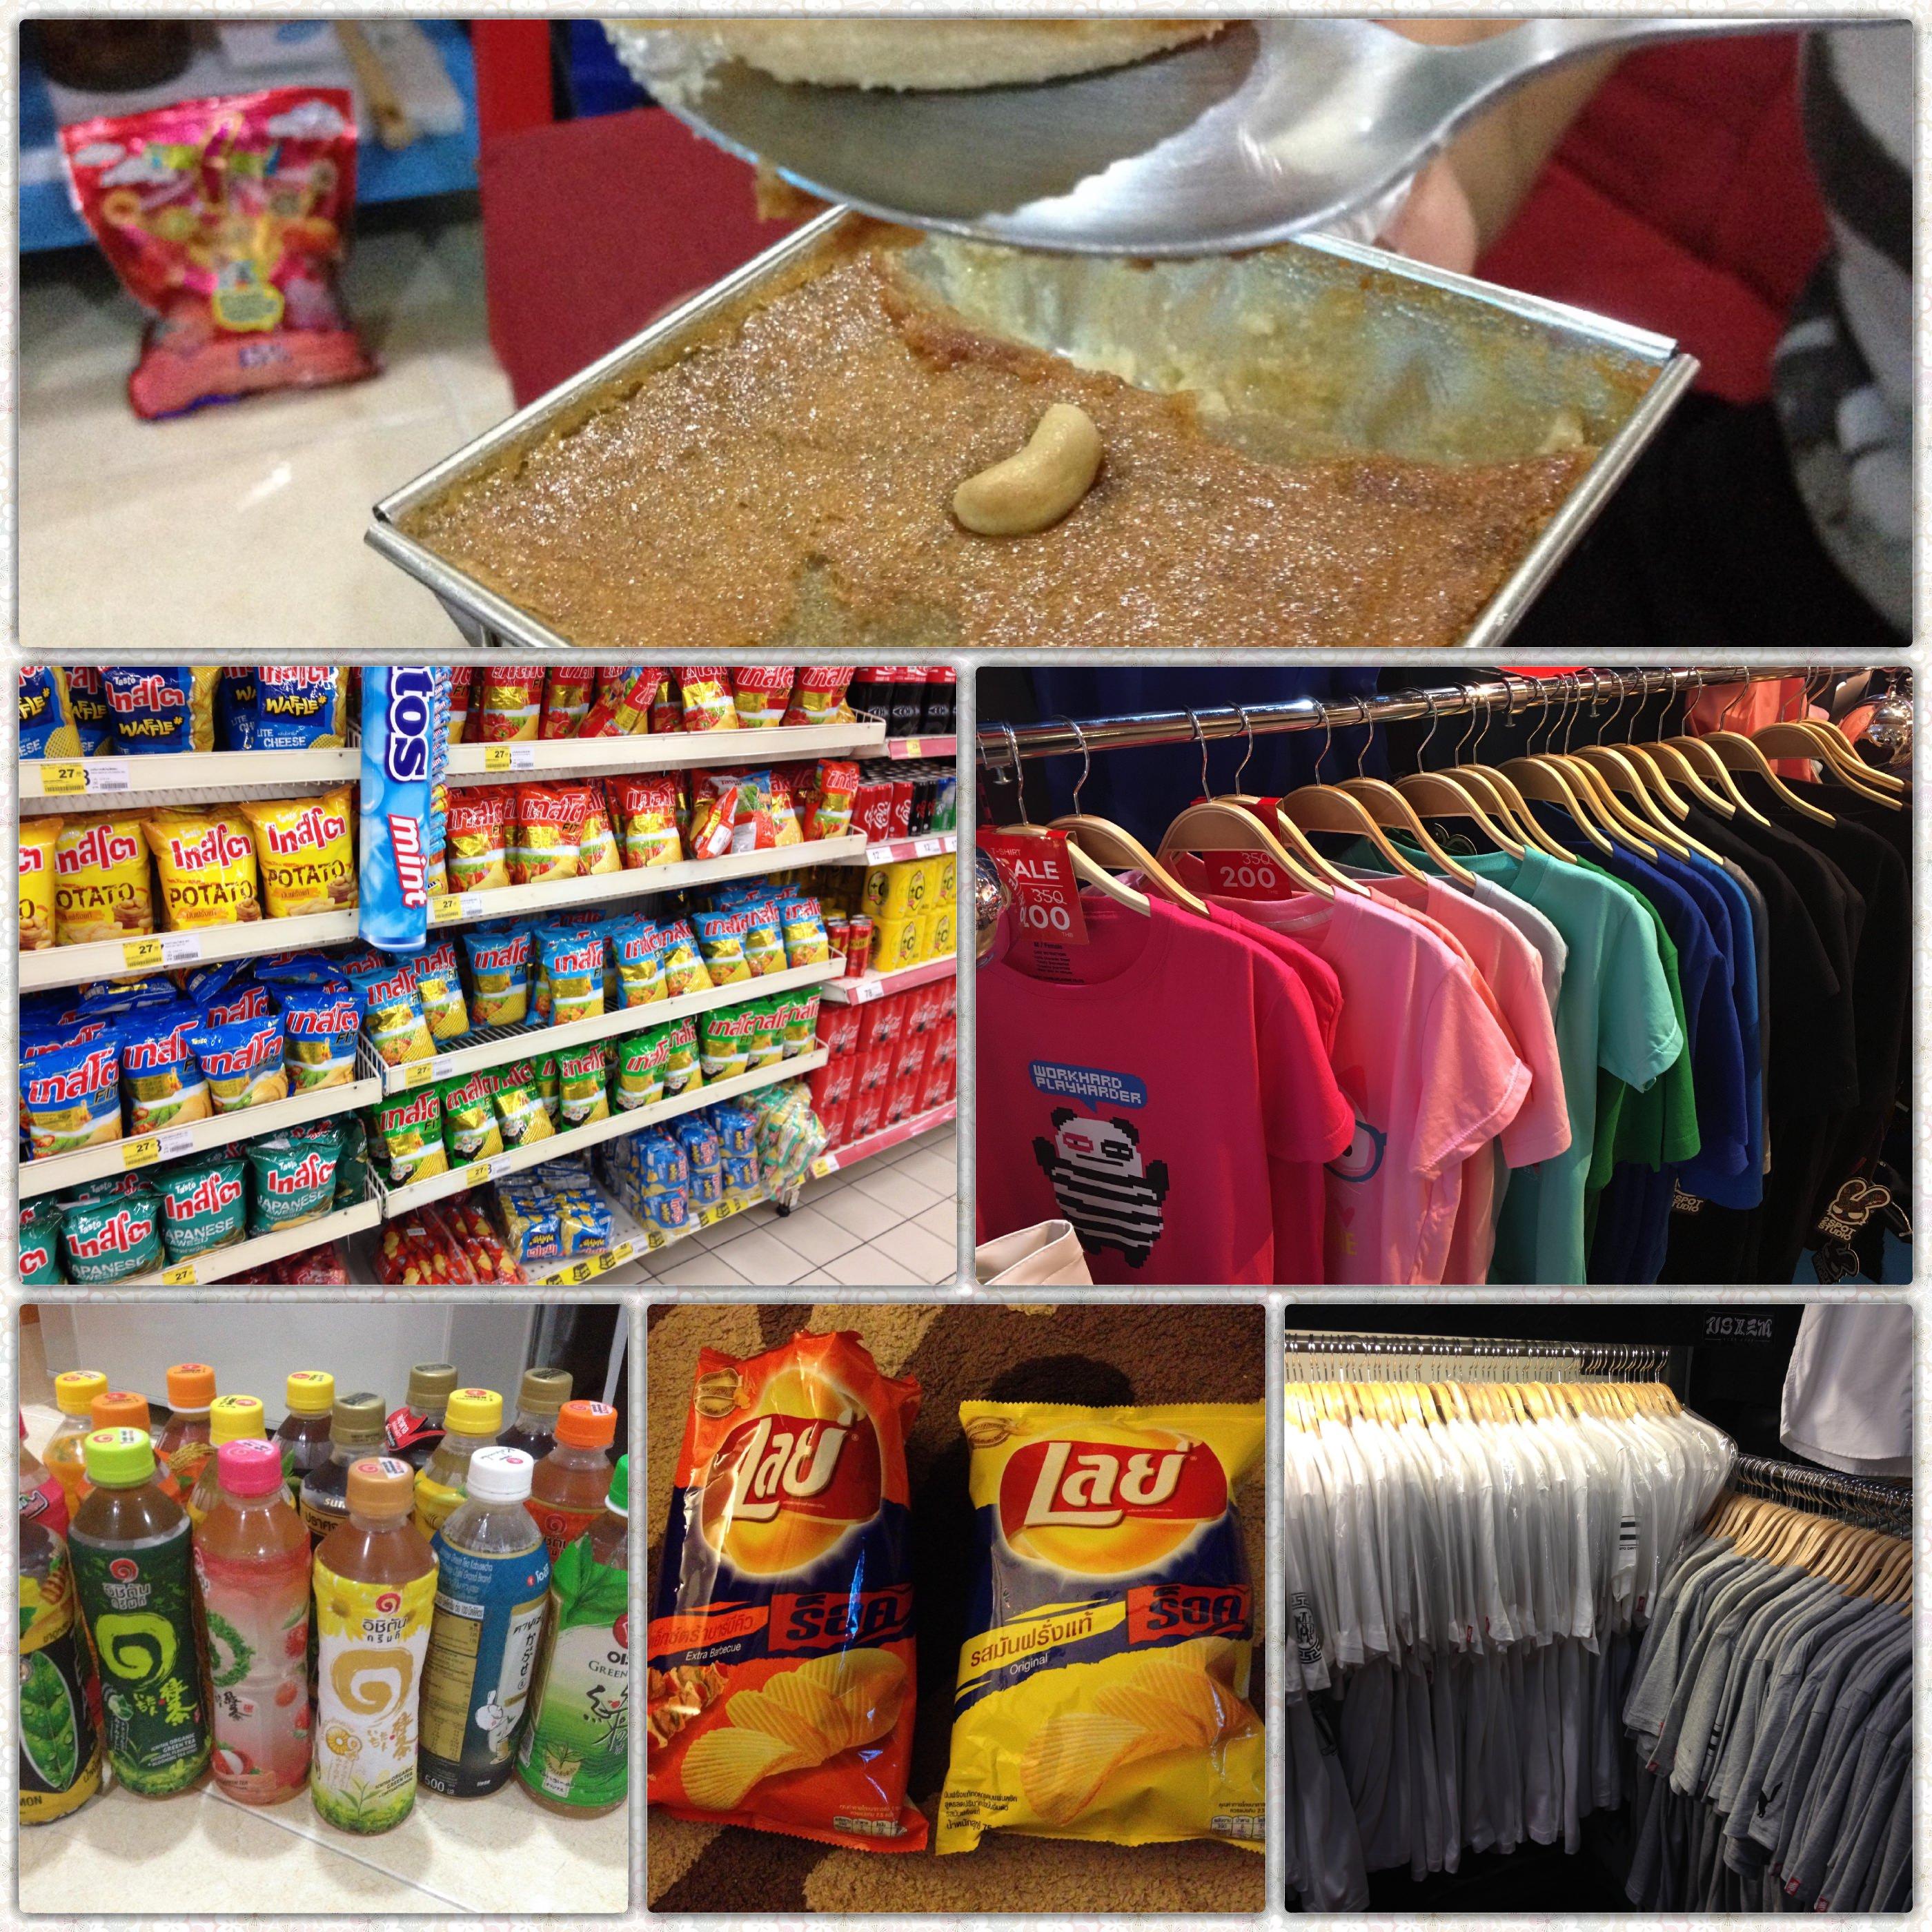 1000円以下で買えるタイの安いお土産。おすすめの食べ物と服を中心に紹介。